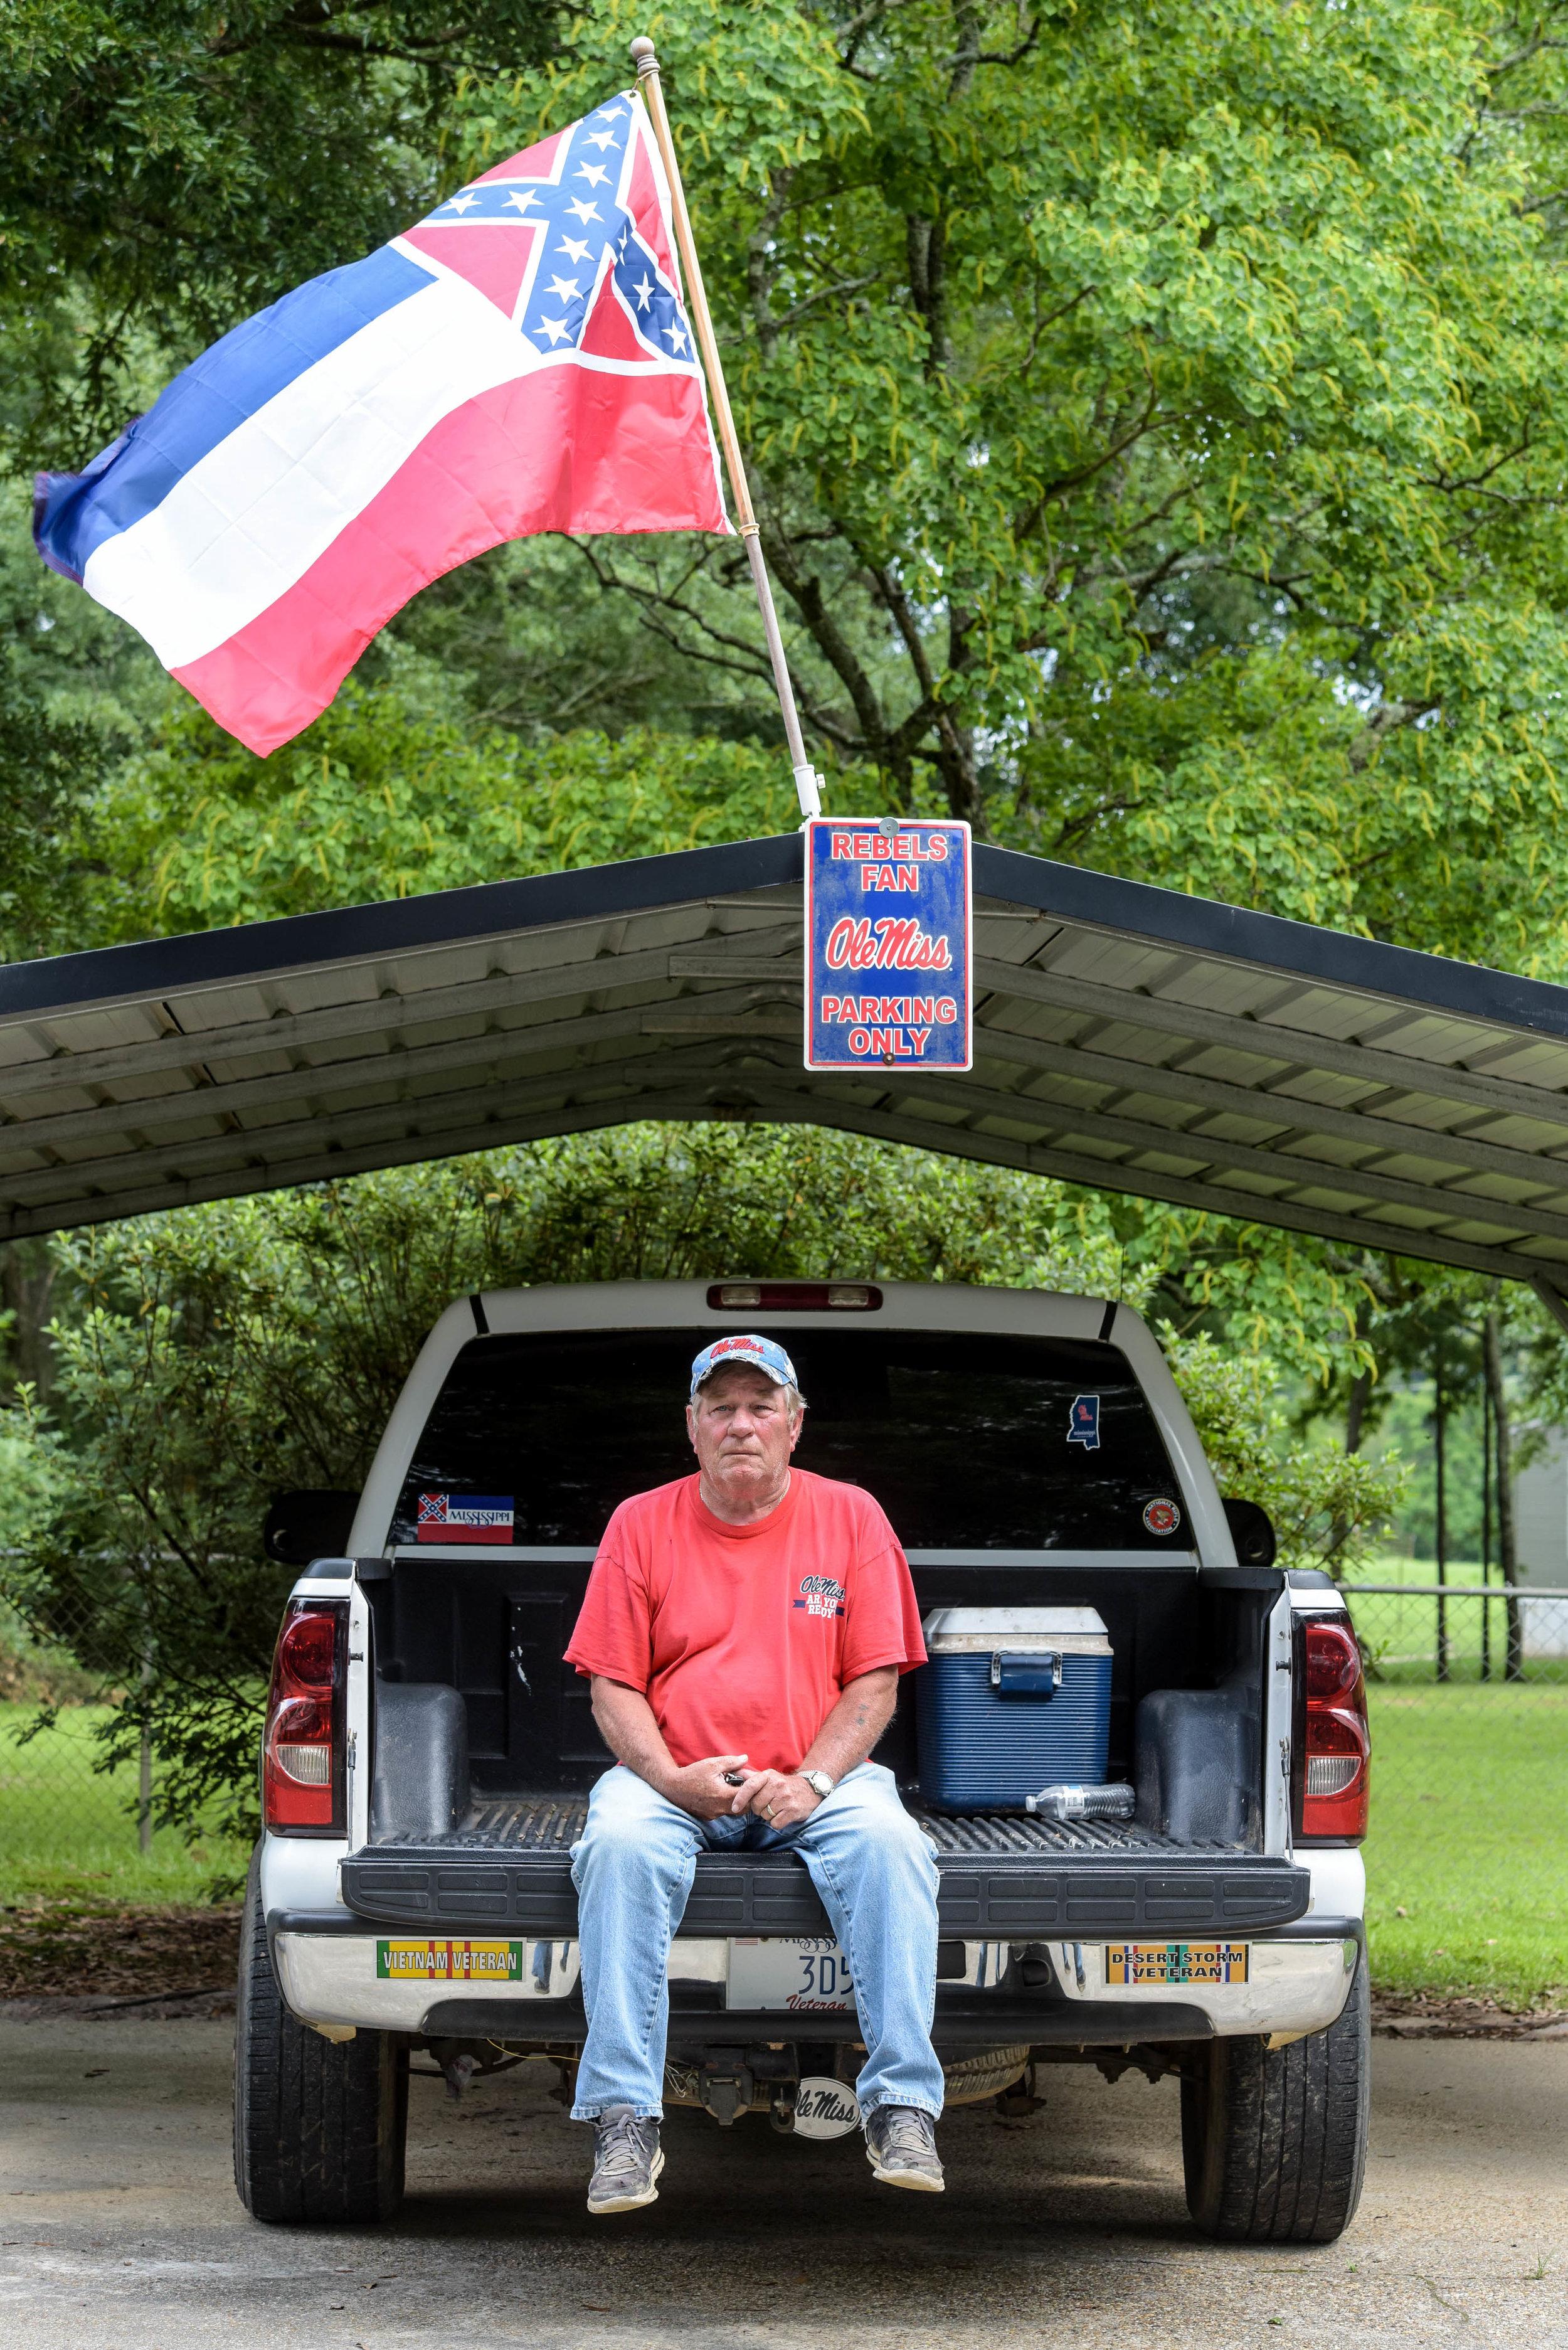 ConfederateFlag_1703.jpg